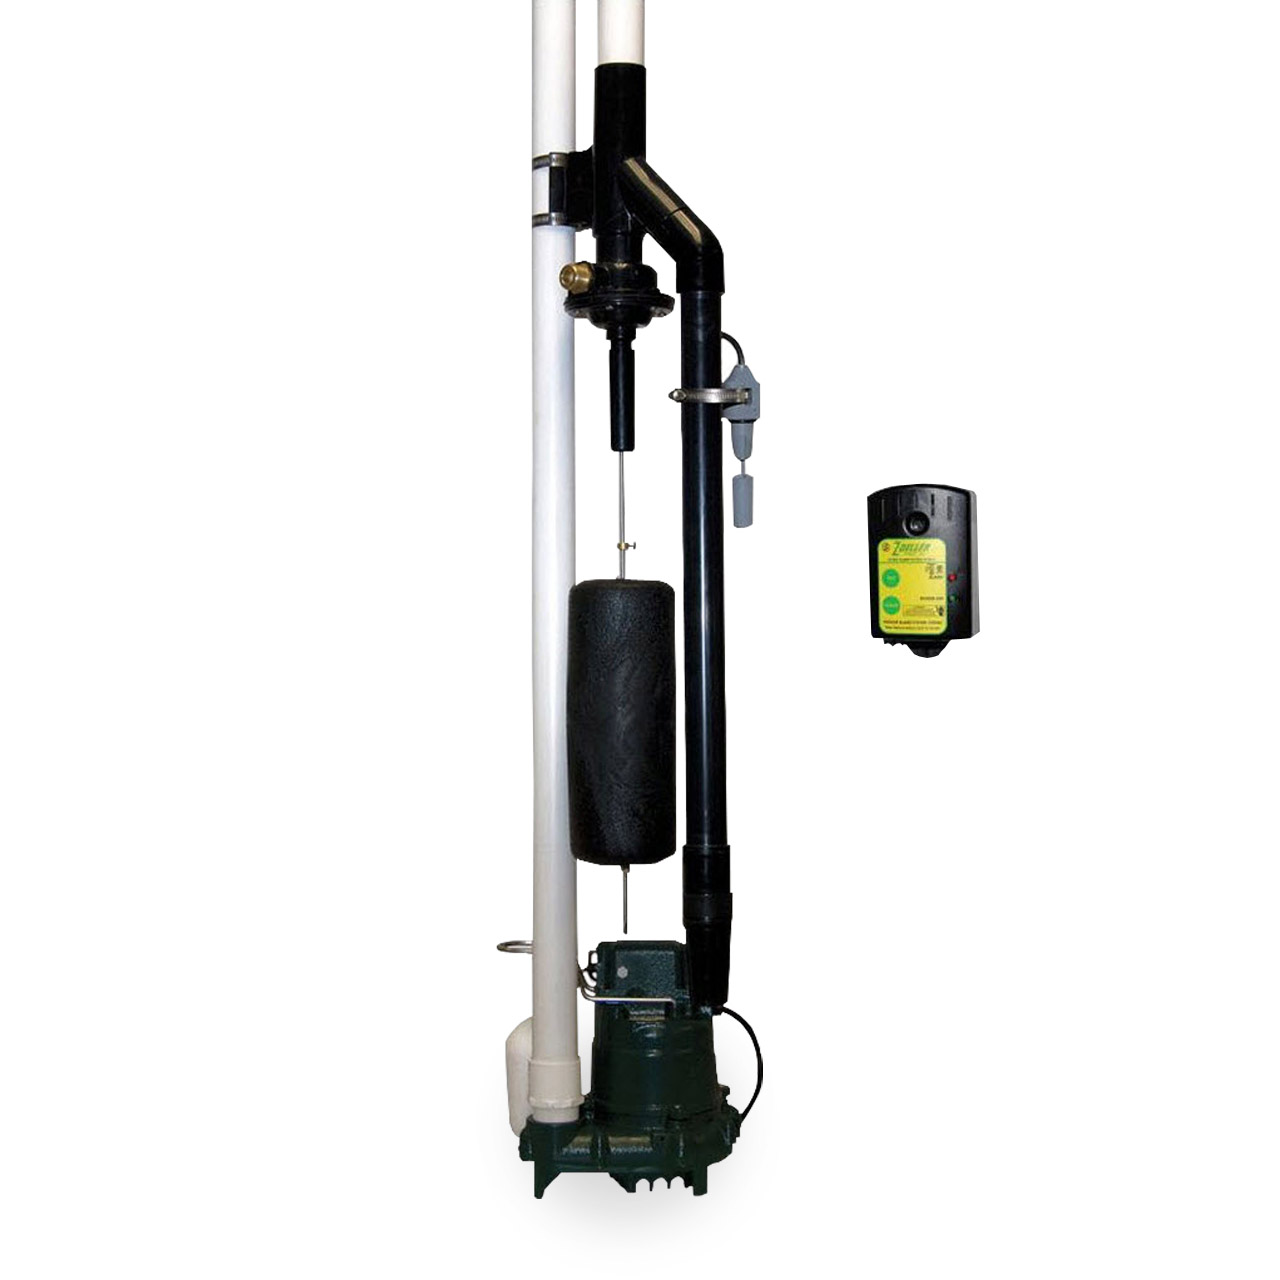 Sump Pump Backup System Zoeller Backup Pump System